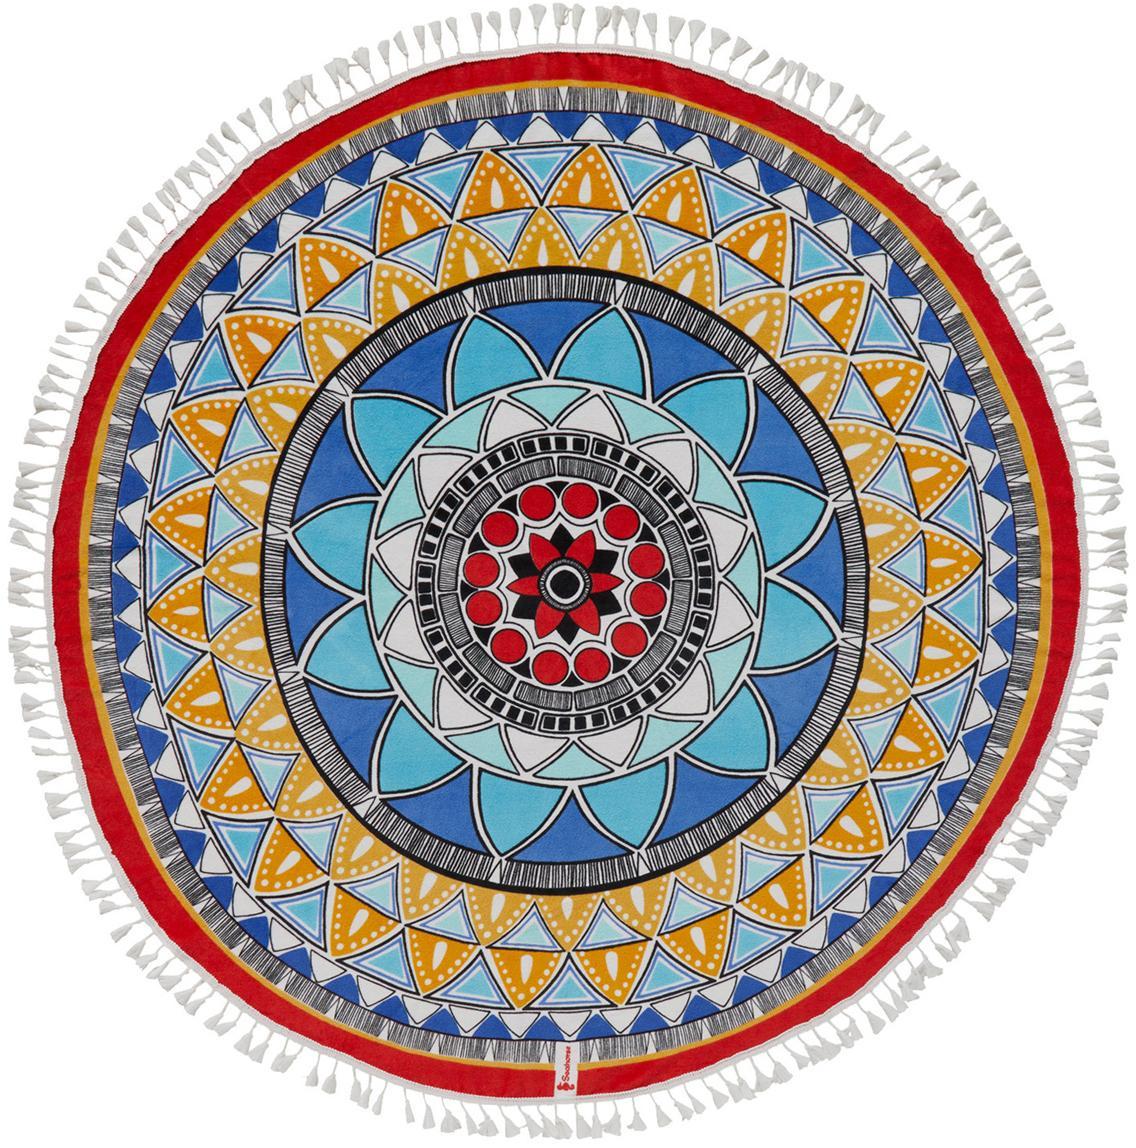 Rundes Strandtuch Tara mit Tasseln, bunt, 100% Baumwolle, leichte Qualität 300 g/m, Mehrfarbig, Ø 150 cm